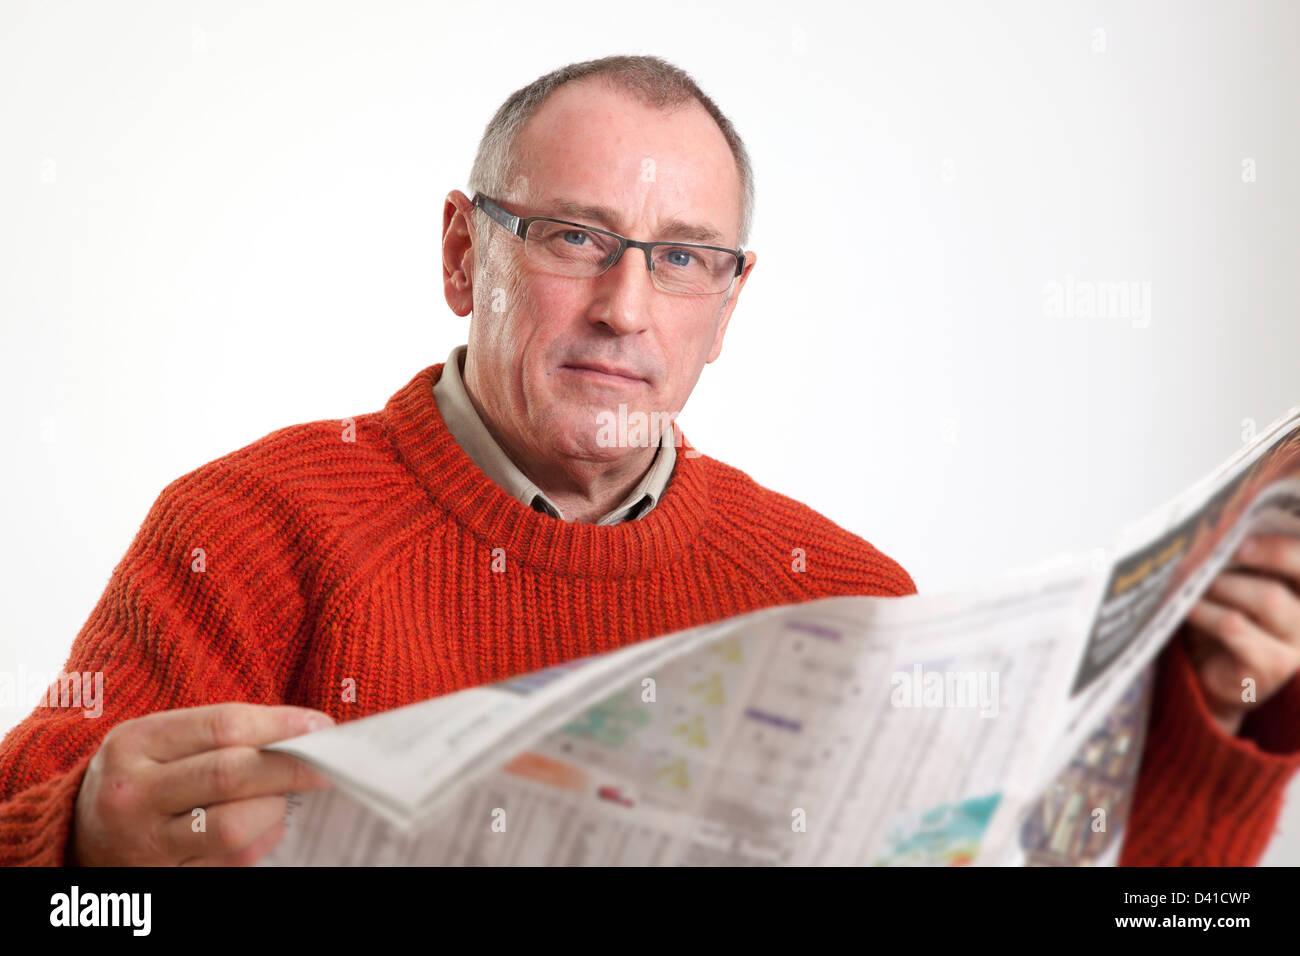 Homme mûr en 50s le port de chandail, la lecture d'un journal grand format, à la caméra à grave. Banque D'Images